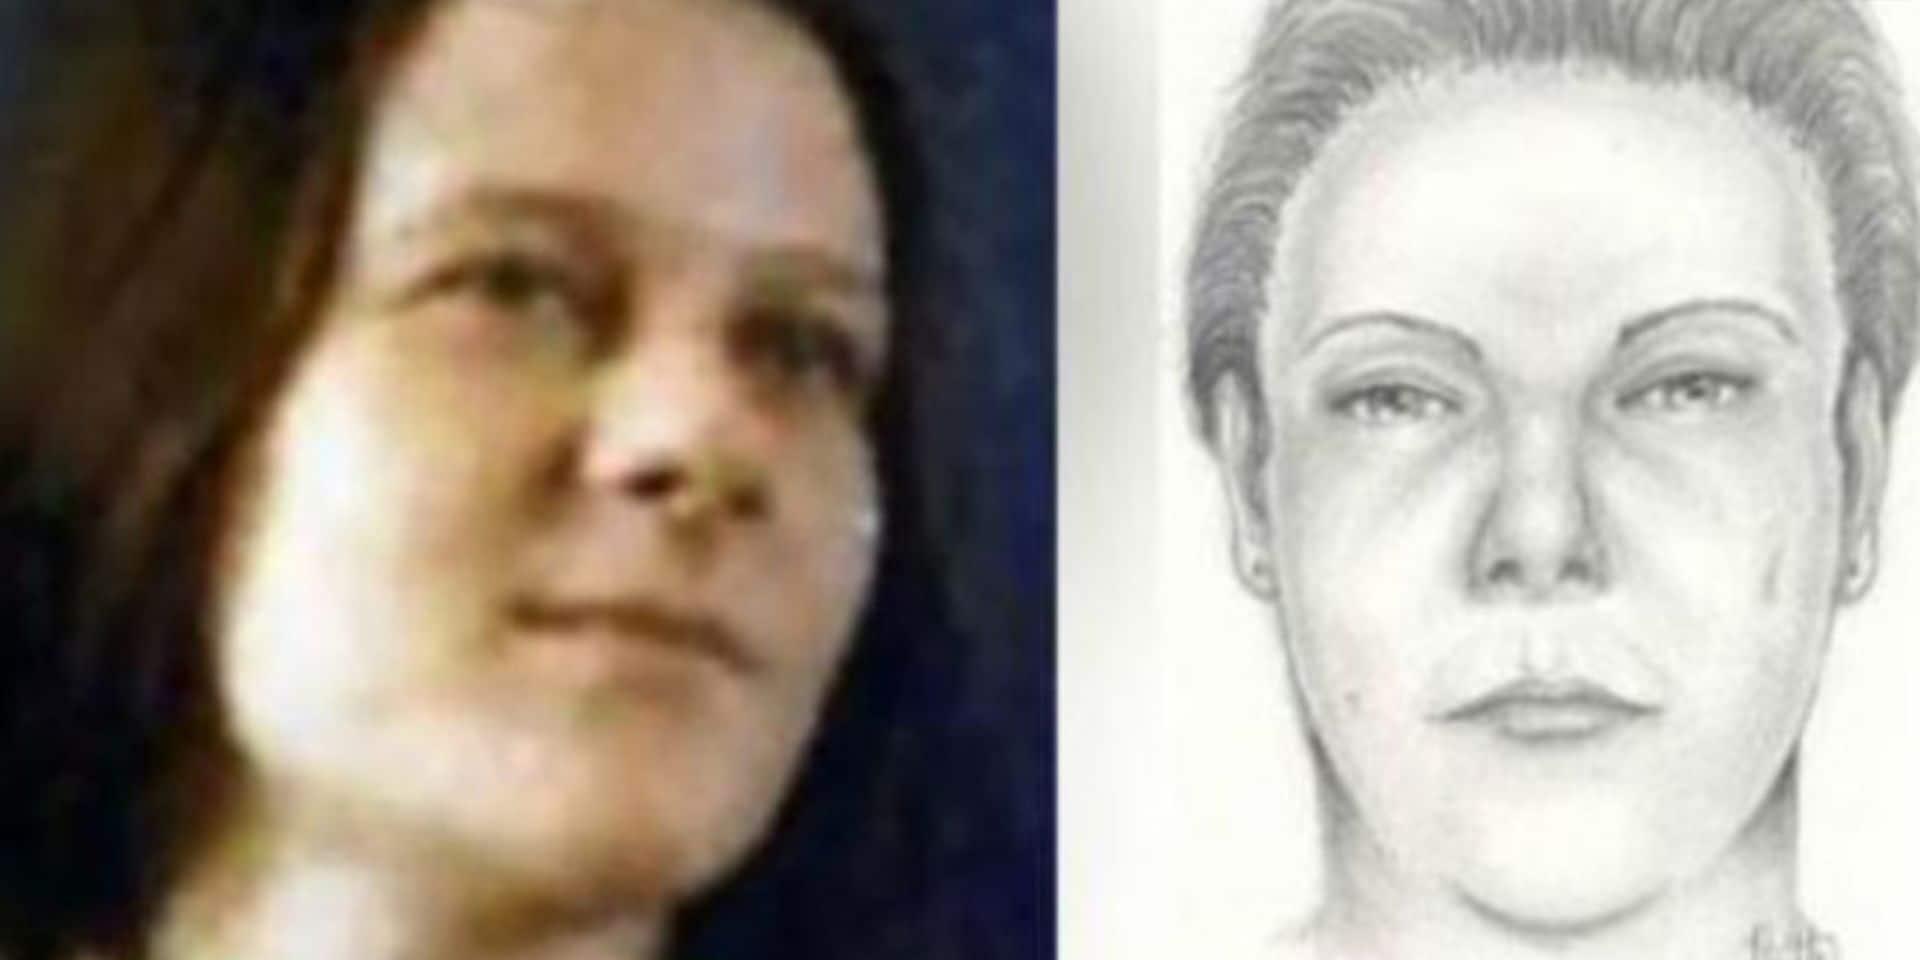 Le corps d'une femme enceinte disparue en 1982 à Bruxelles pourrait avoir été retrouvé... aux États-Unis